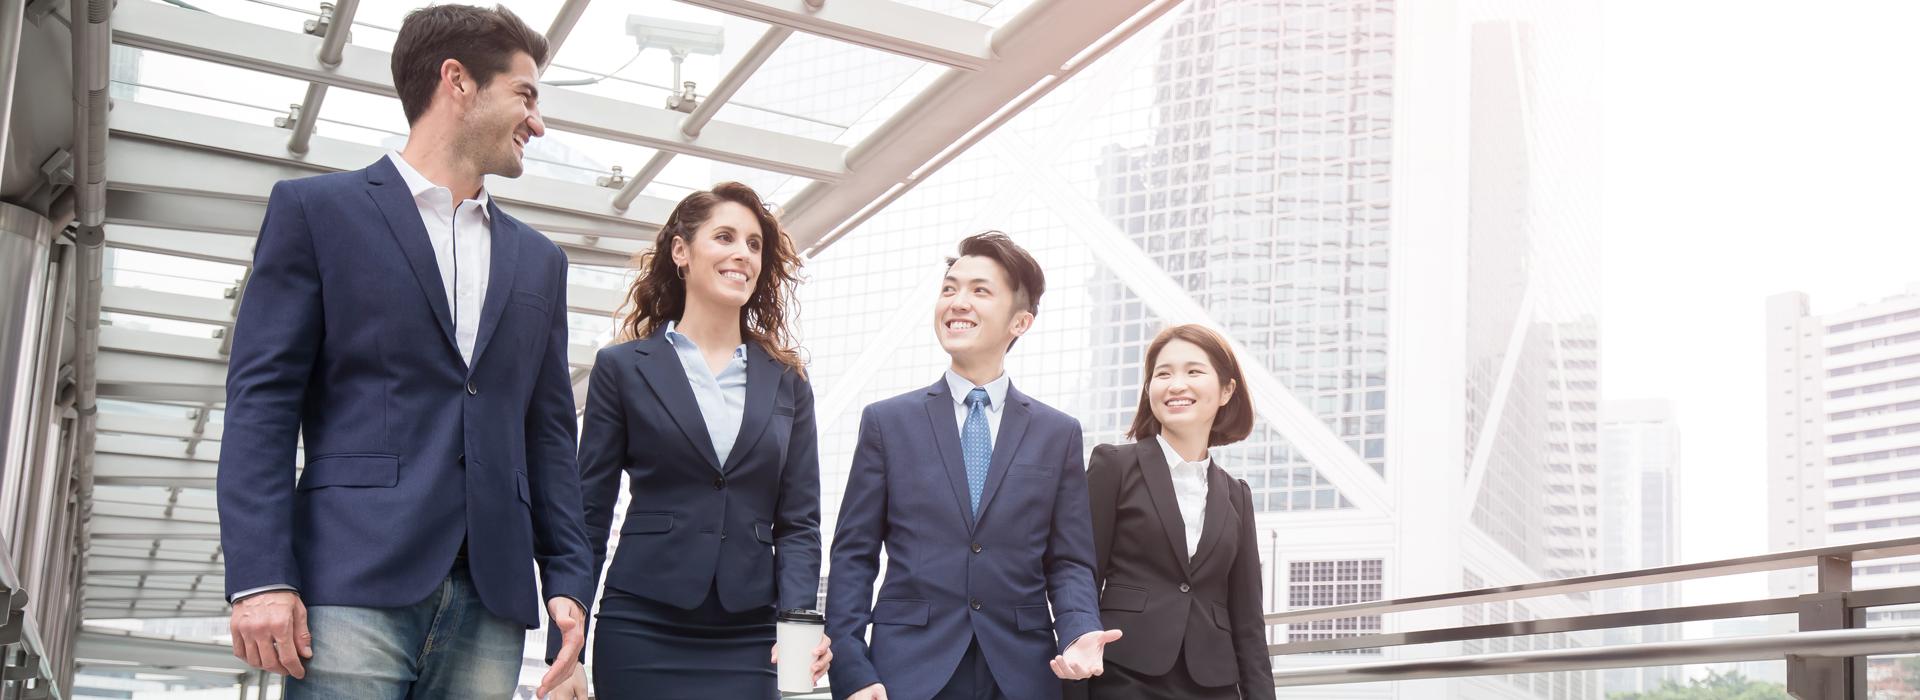 看台灣人才與世界人才的差異:不管是你或孩子都該培養這項能力